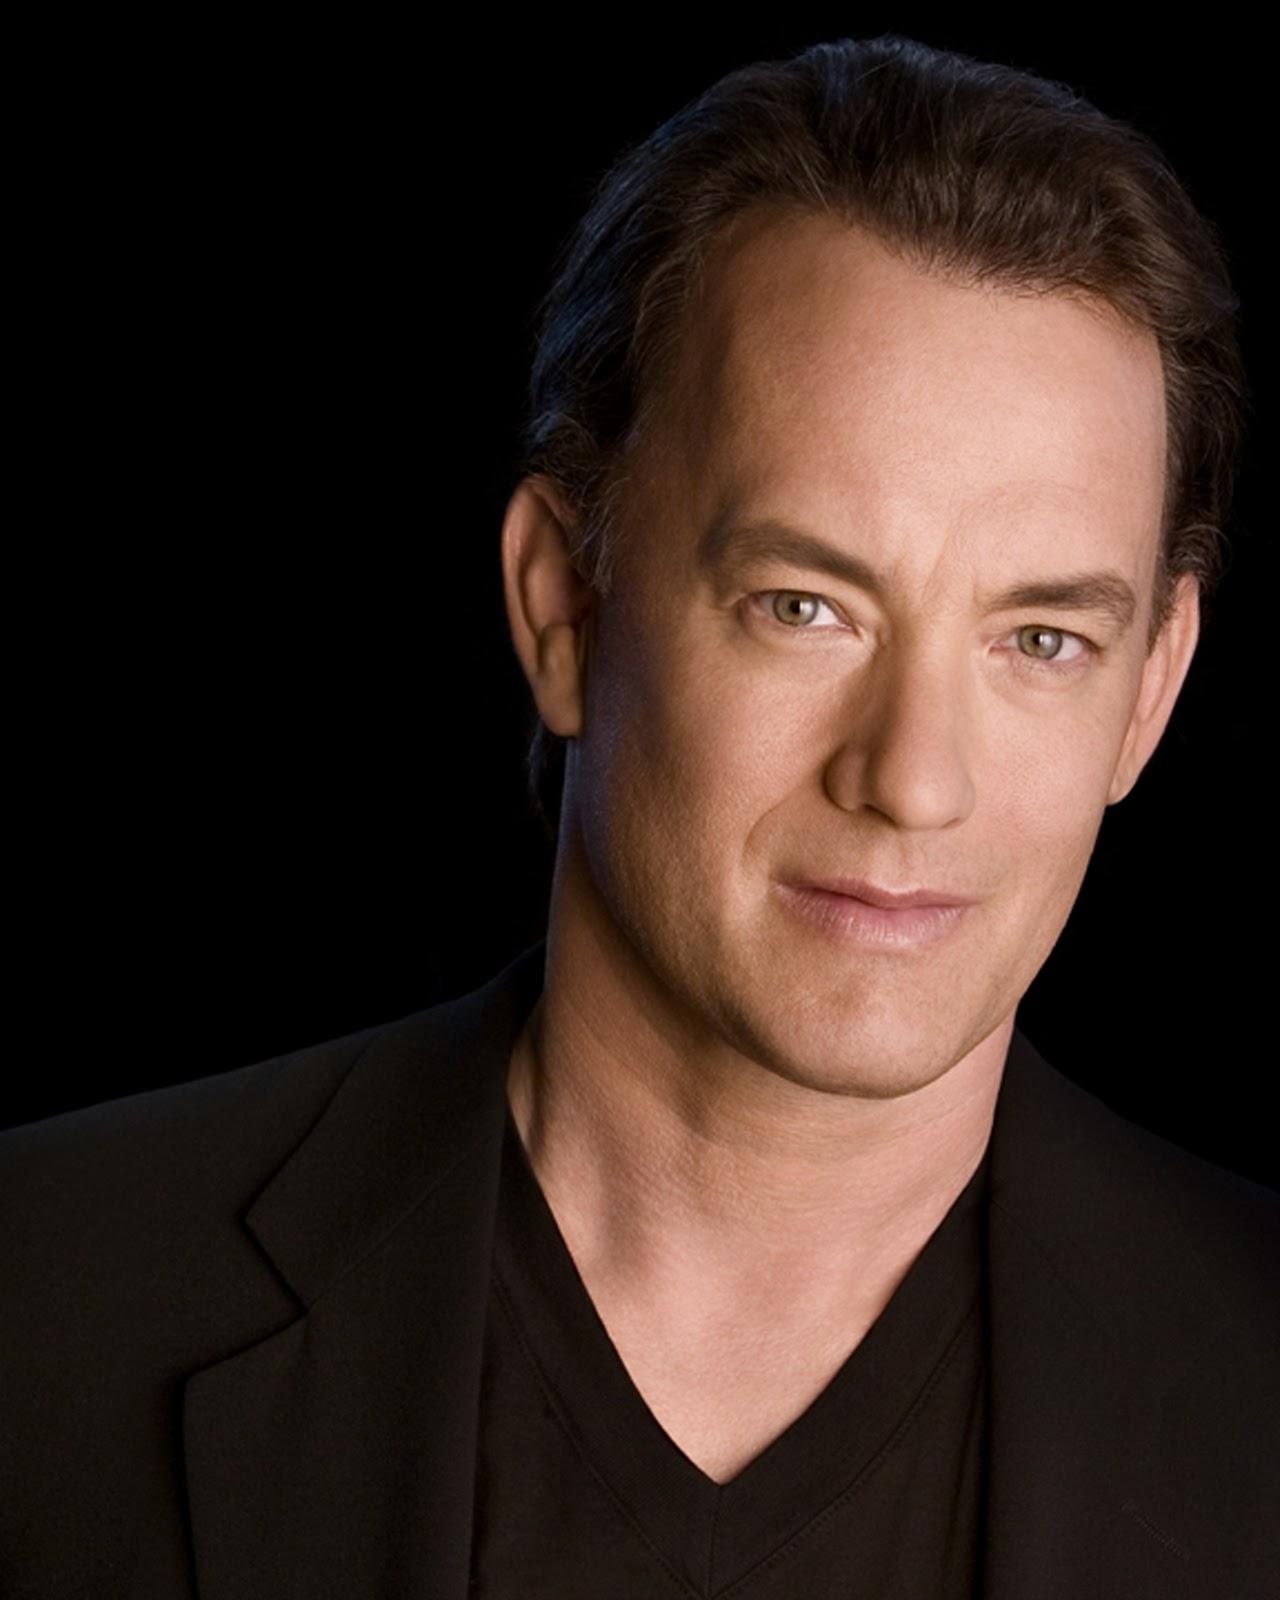 http://1.bp.blogspot.com/_1npNAVOFQz4/TVAxh0akXhI/AAAAAAAAA4U/73lN-6zdBuo/s1600/Tom+Hanks.jpg